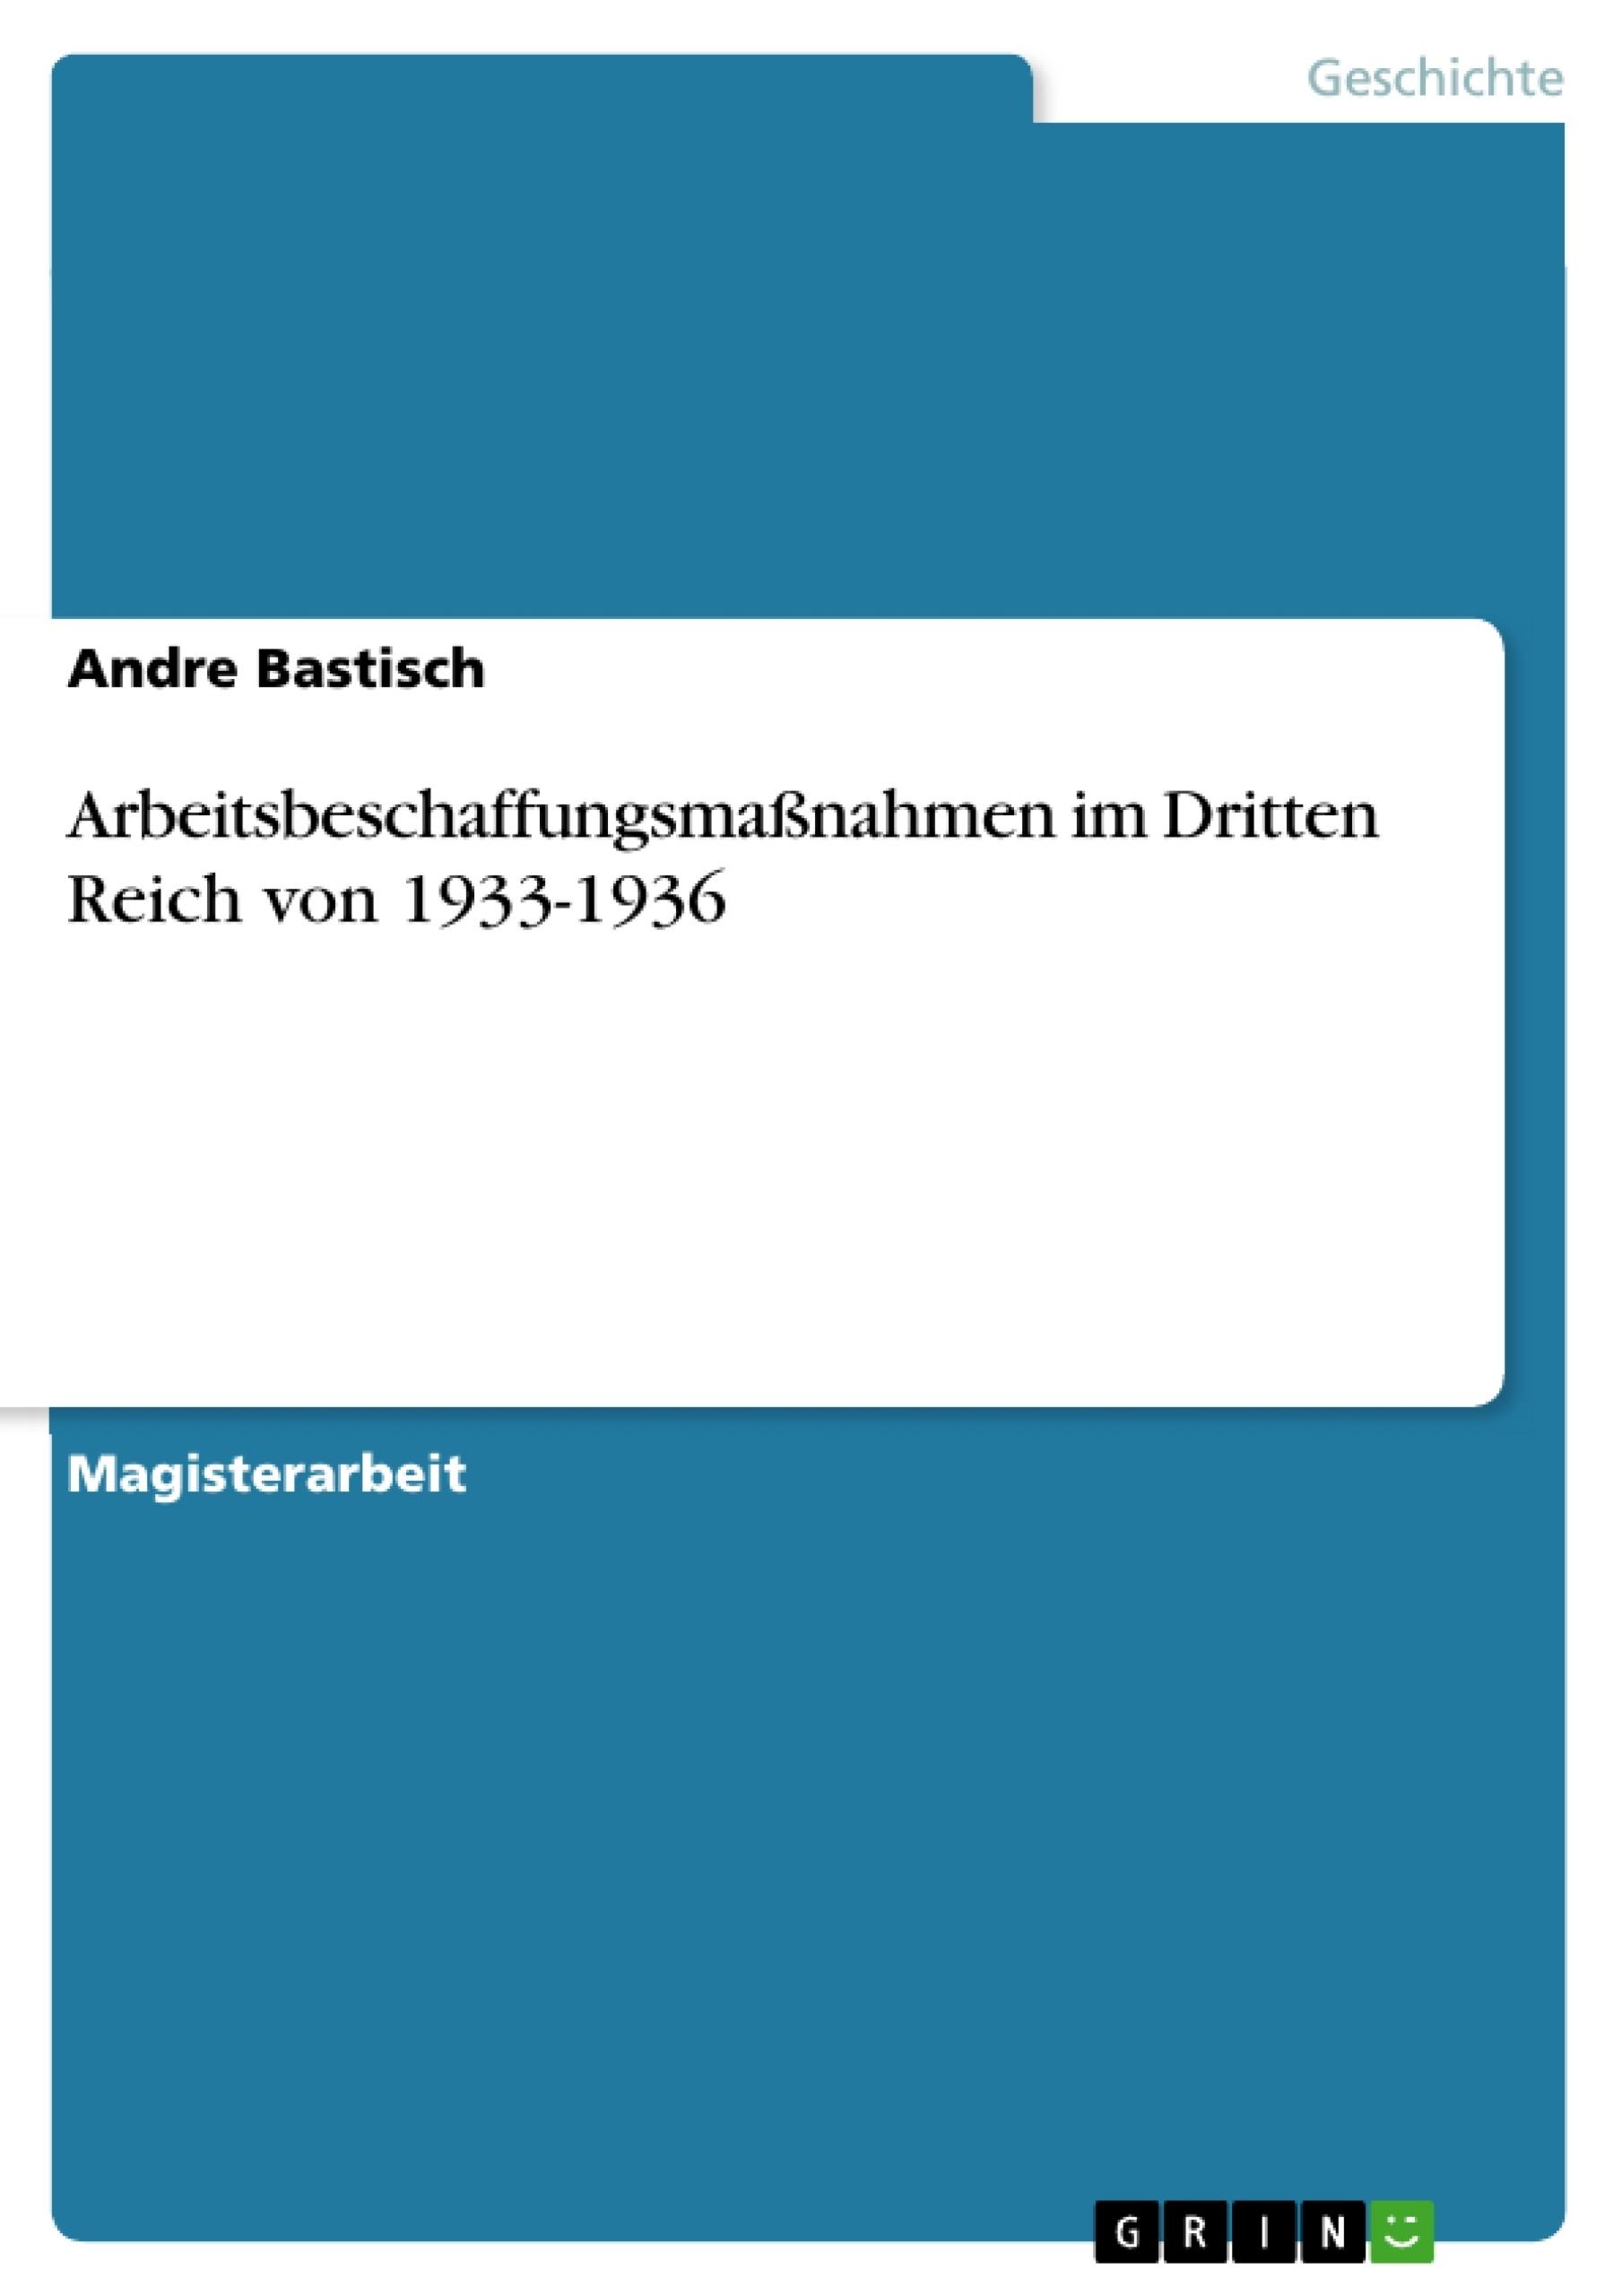 Titel: Arbeitsbeschaffungsmaßnahmen im  Dritten Reich  von 1933-1936